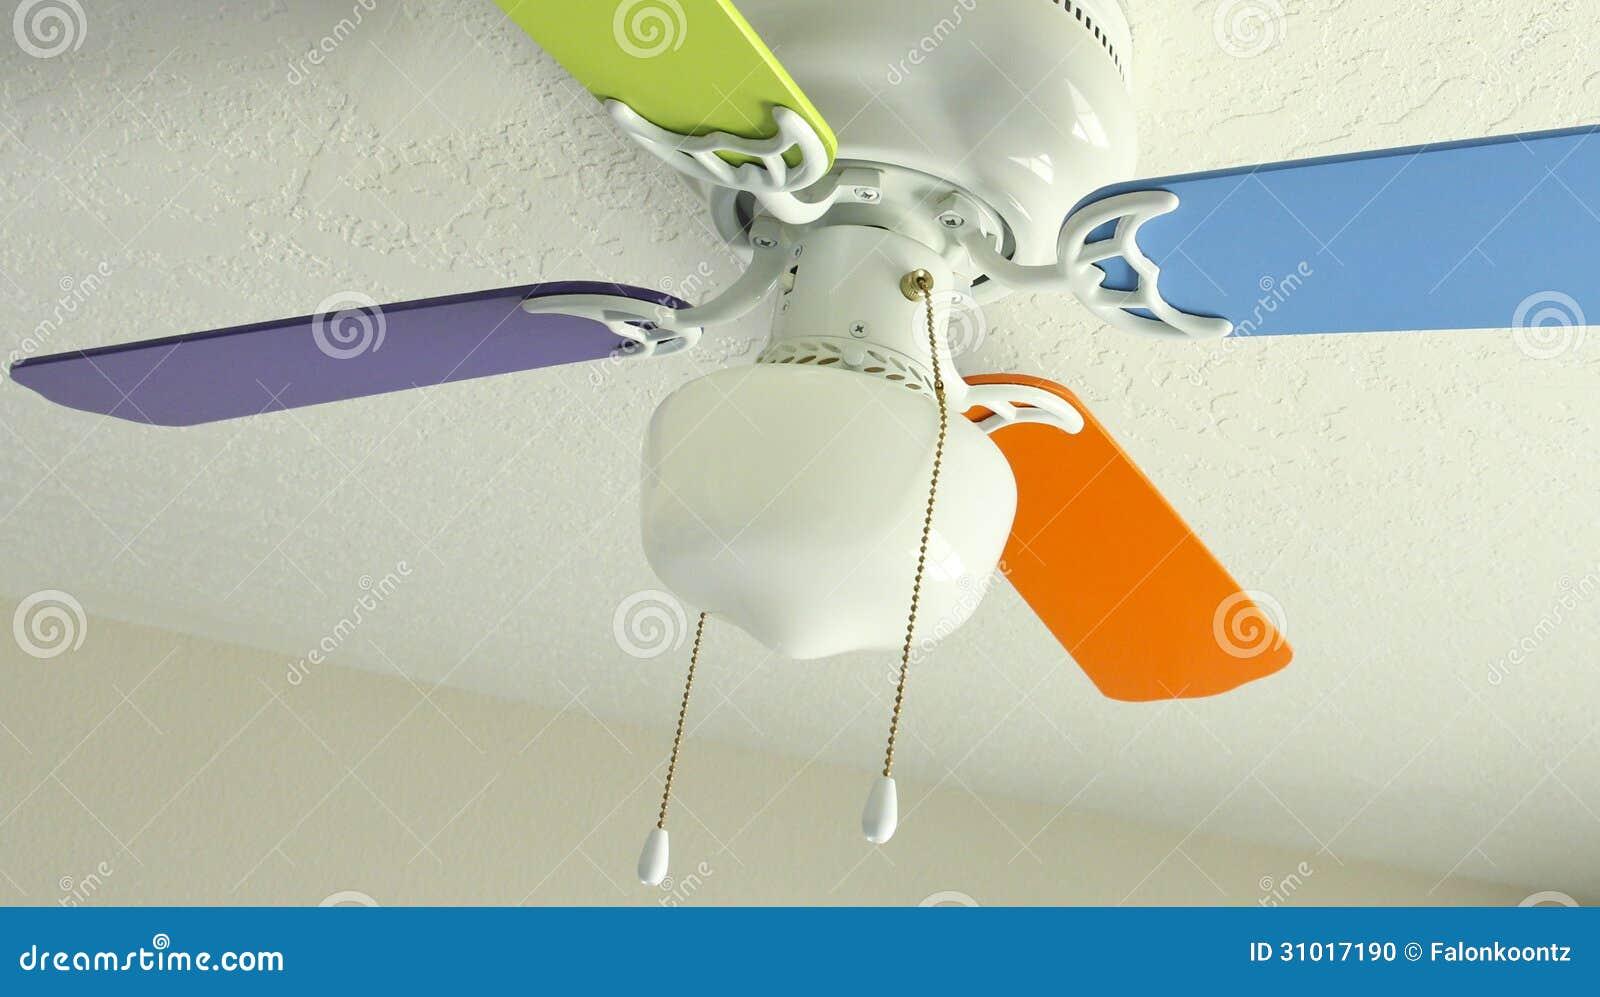 Ventilatore Da Soffitto Colorato Fotografia Stock - Immagine: 31017190